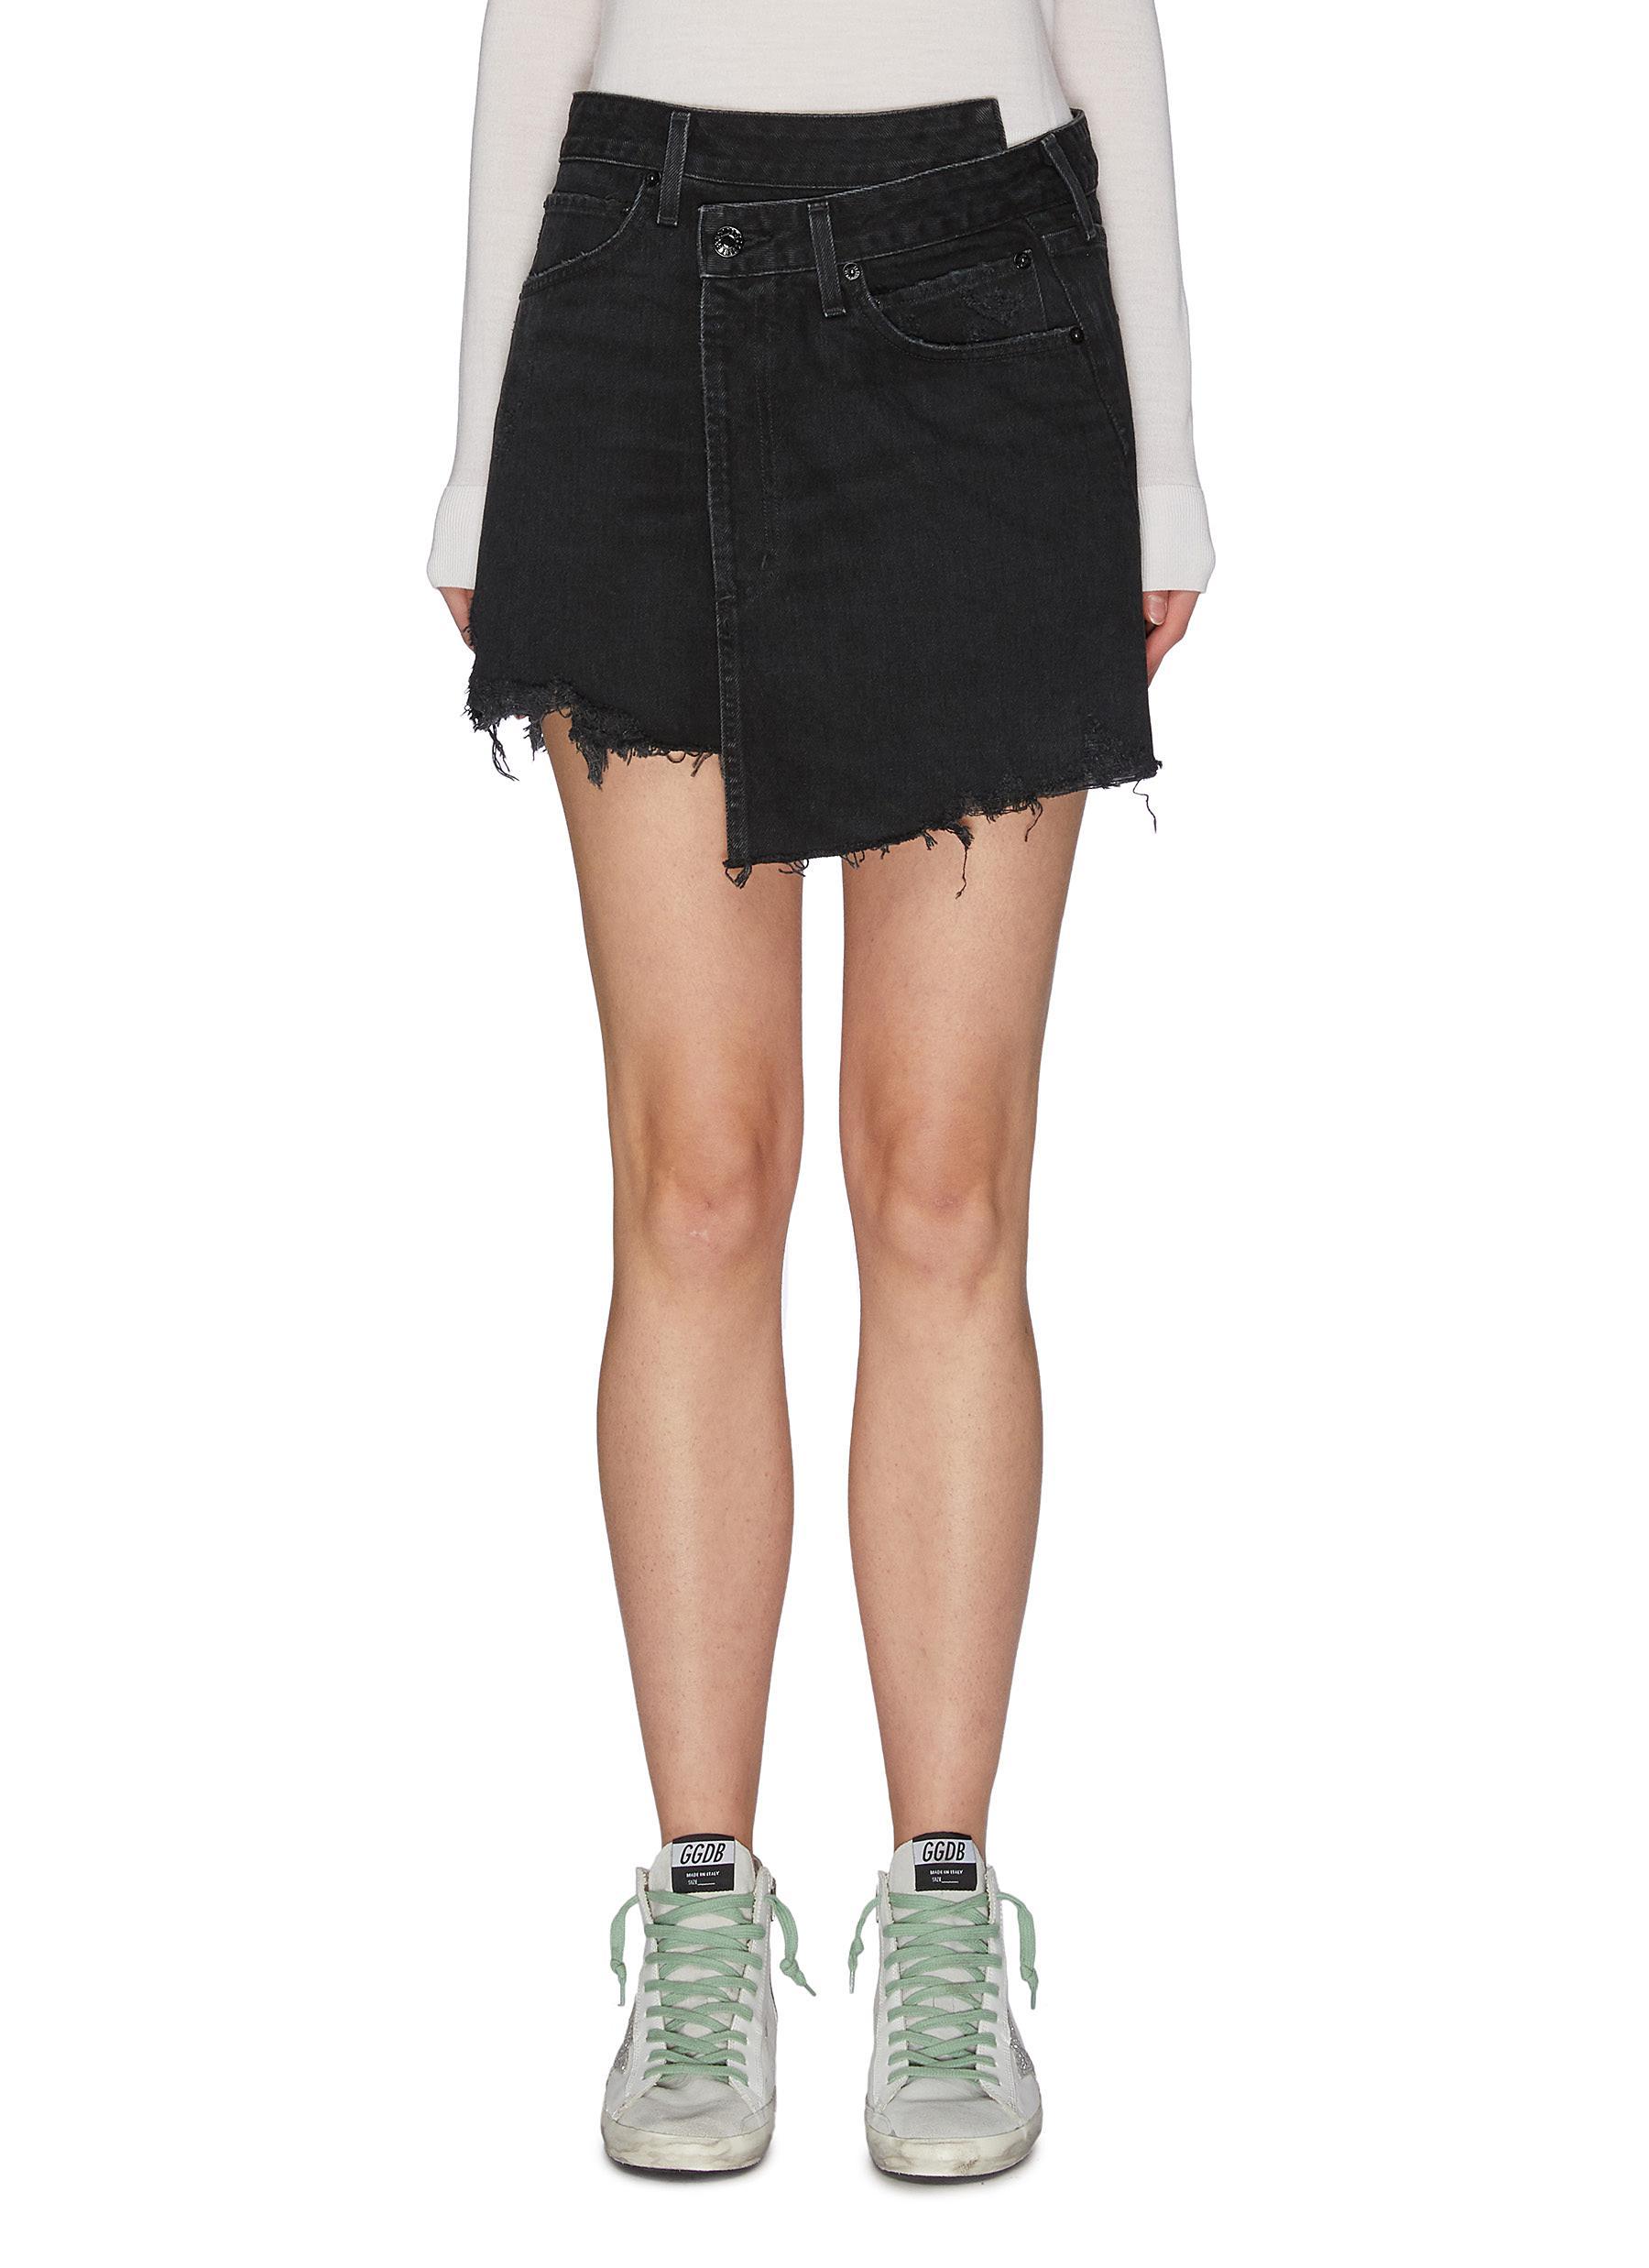 shop Agolde Criss Cross' denim skirt online